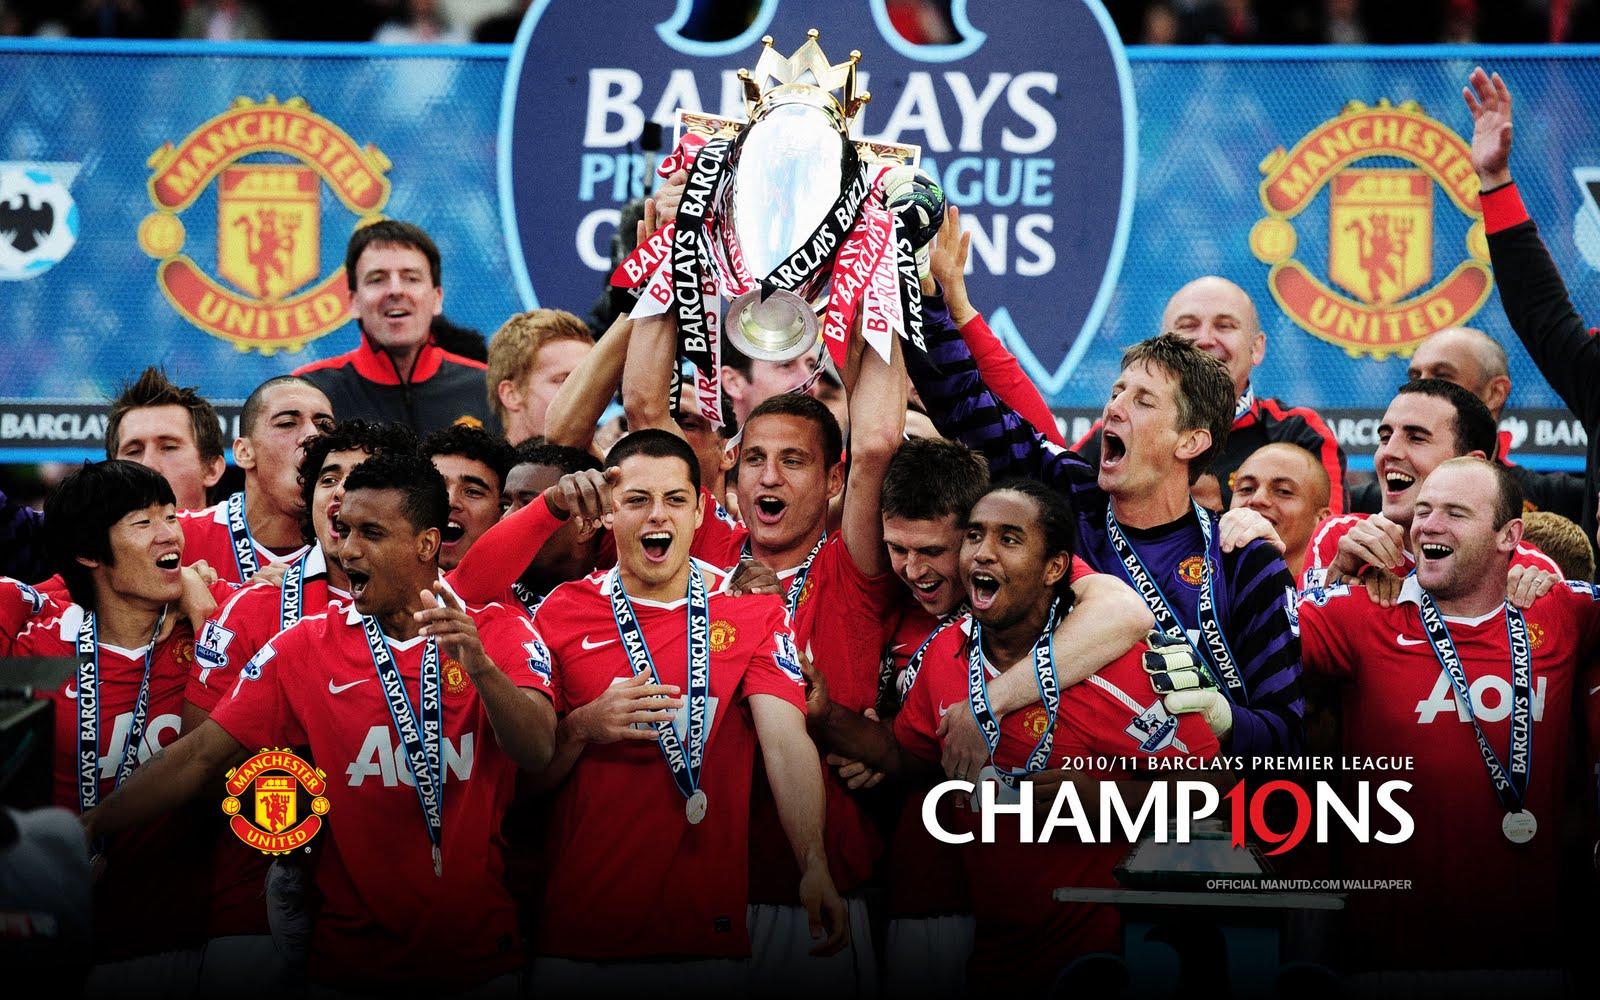 http://4.bp.blogspot.com/-ElHwh1dErQw/Td4BQJT_unI/AAAAAAAAAtQ/ESONb7DHL5o/s1600/Champions19-Trophy-1.ashx.jpeg